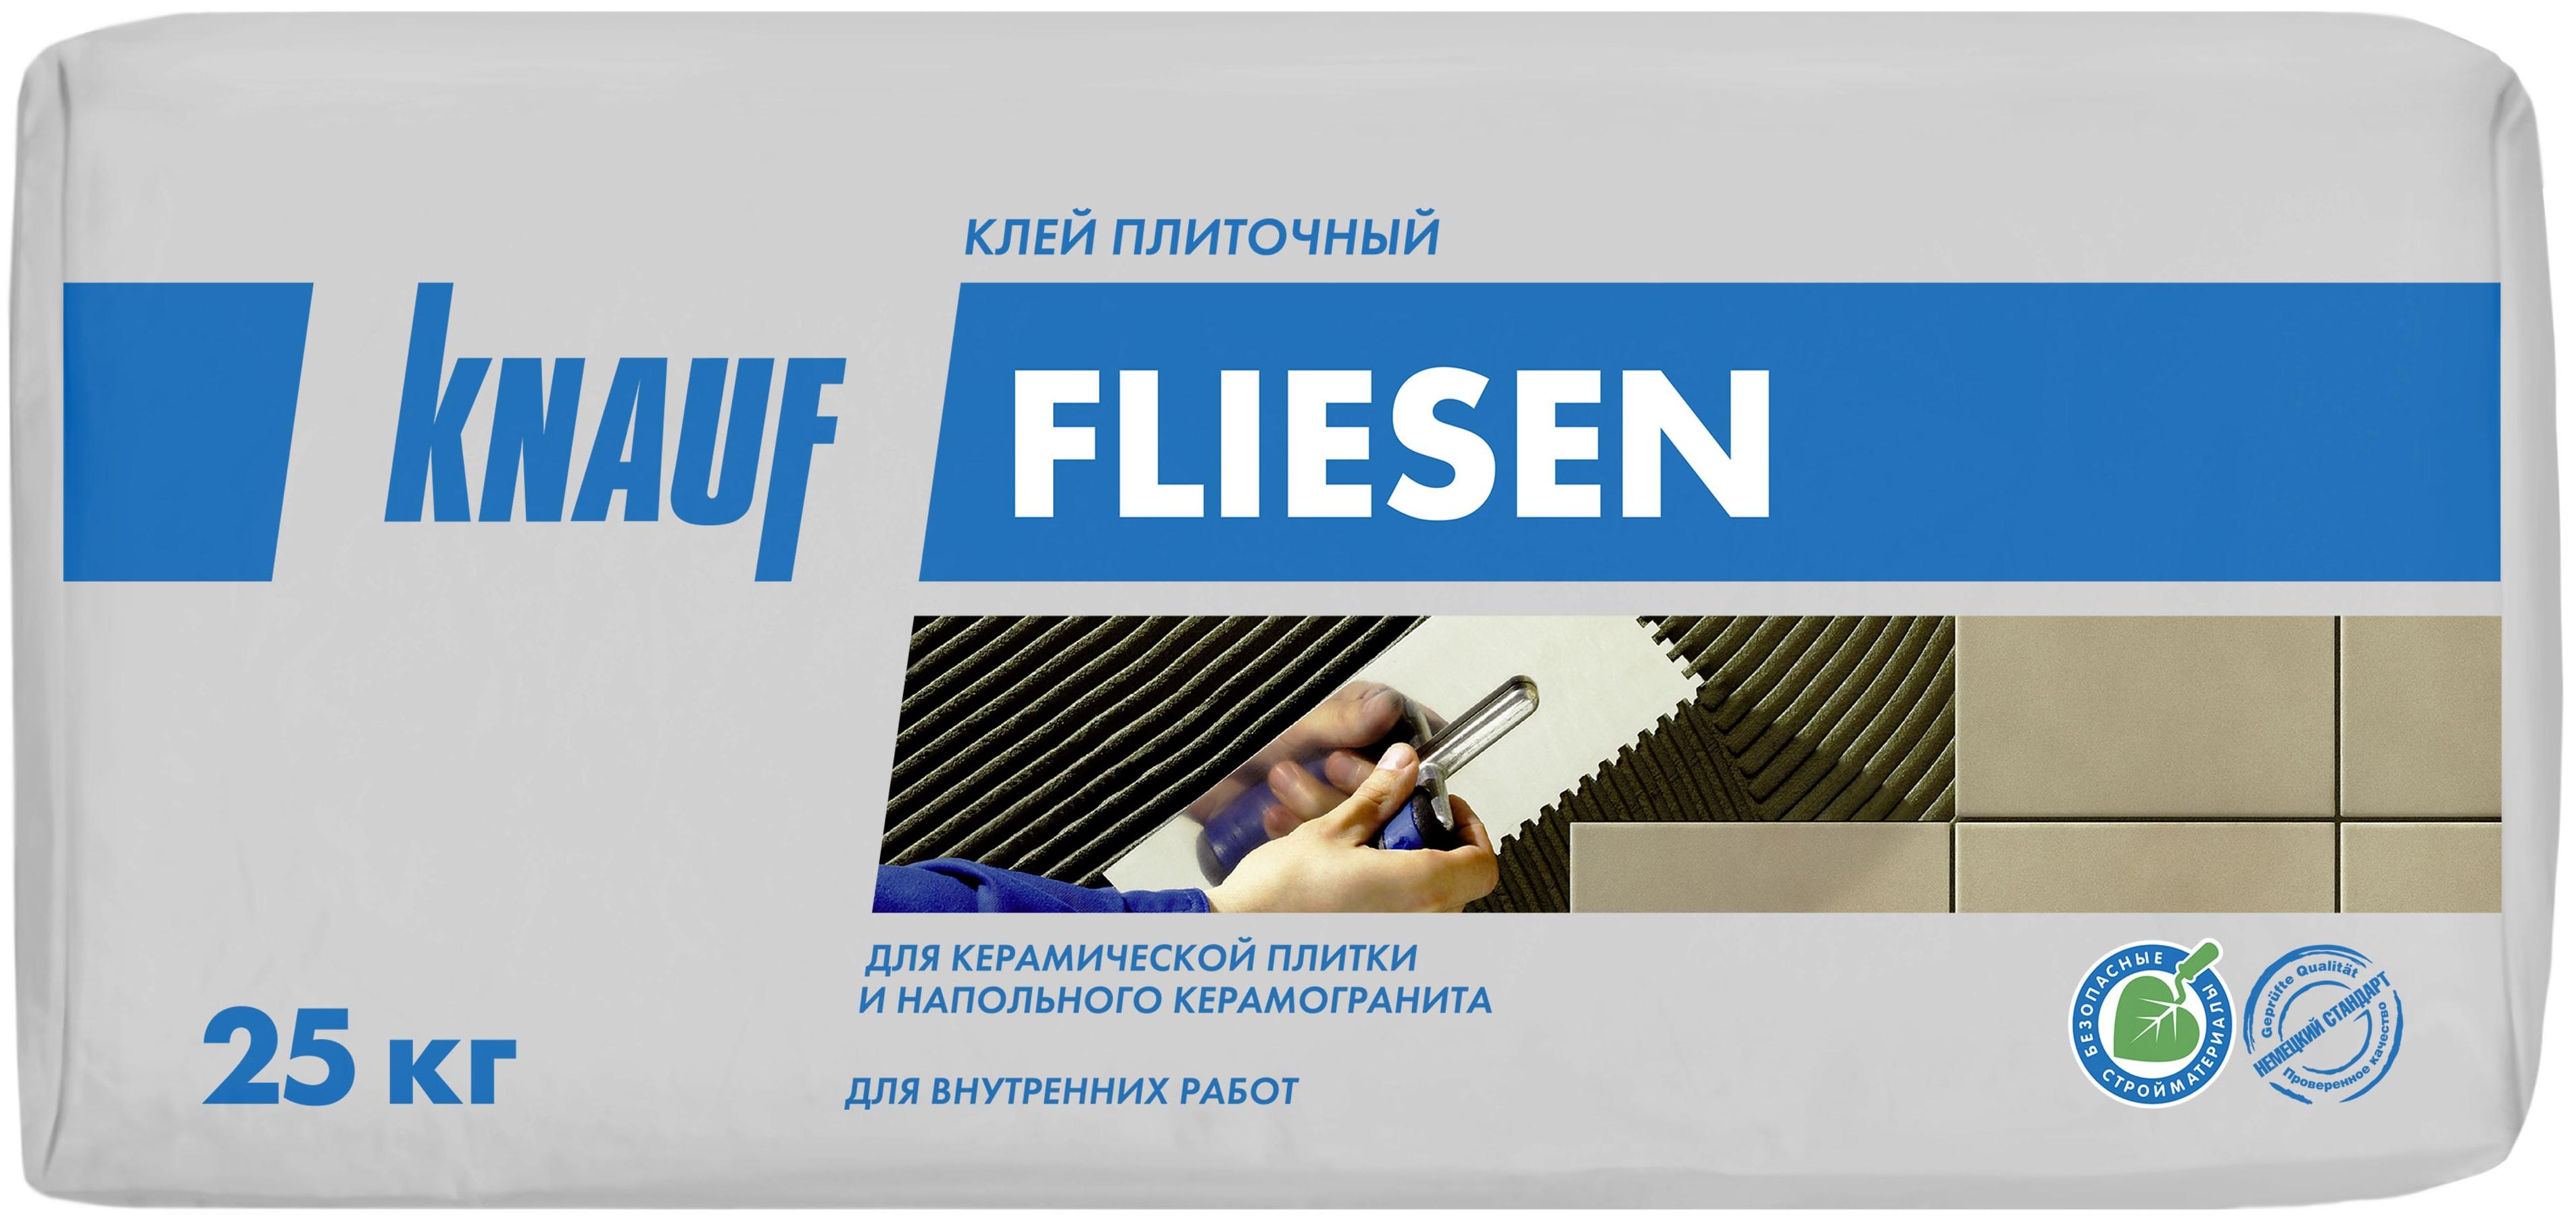 Купить Клей для плитки Knauf Флизен, 25 кг — Фото №1